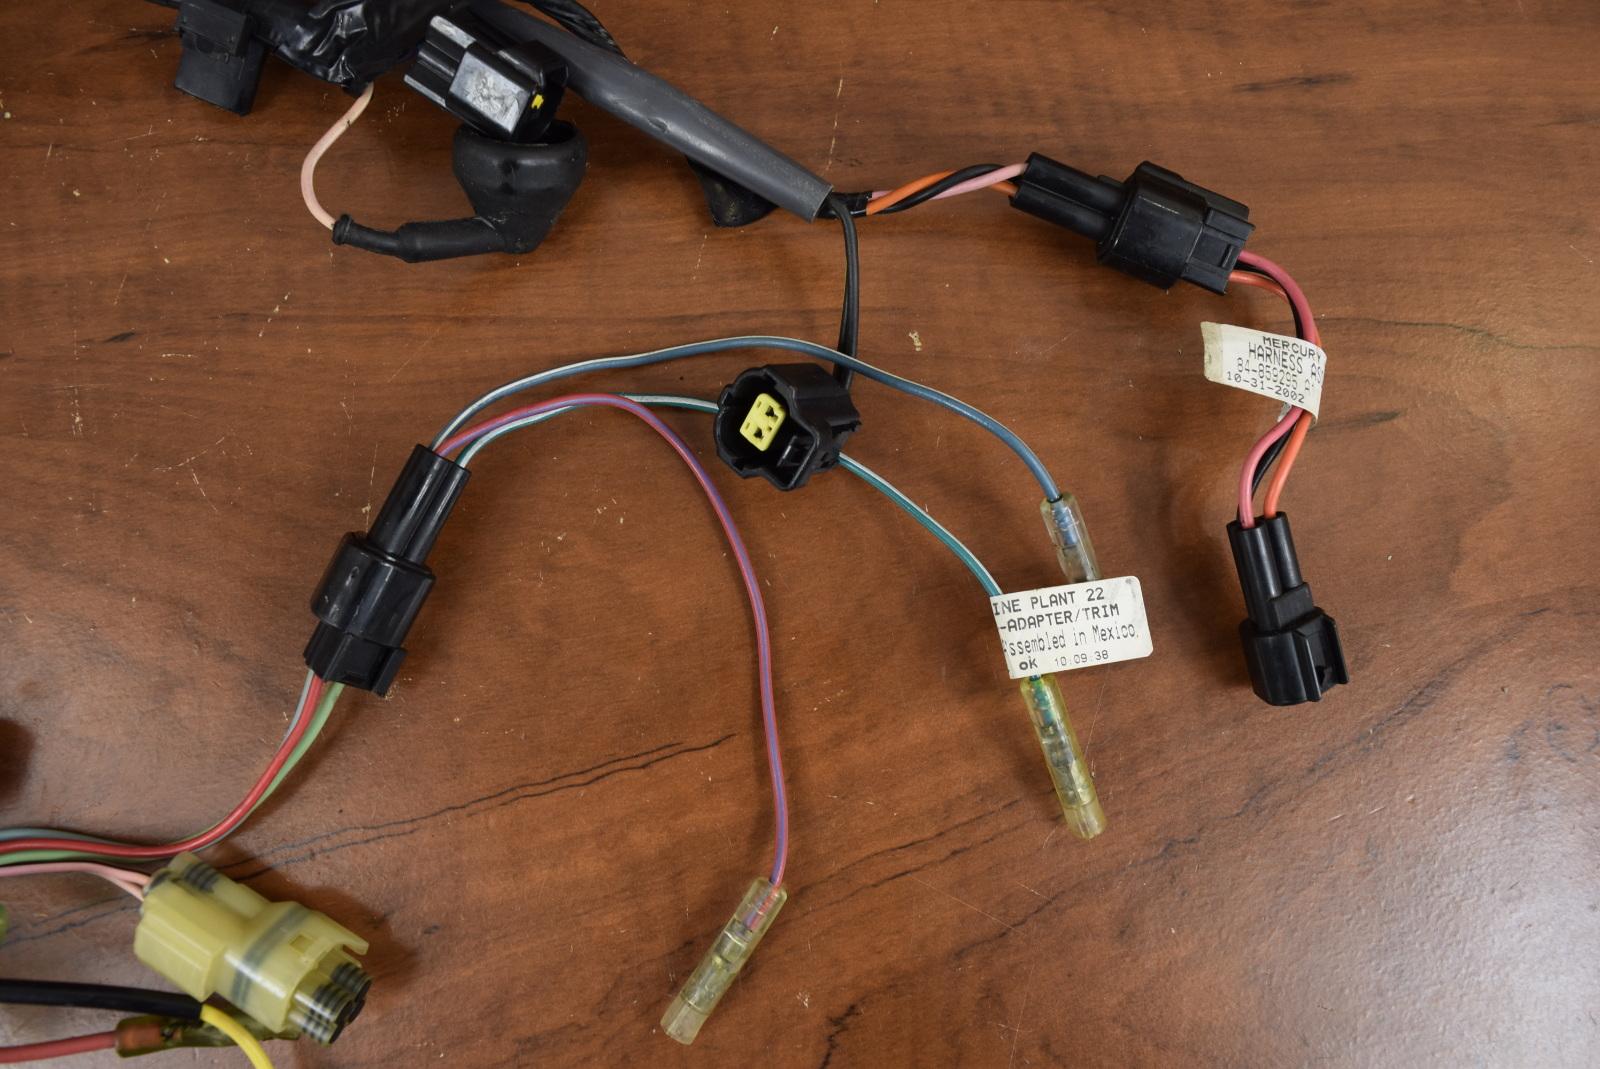 mercury   mariner wiring harness 804290 3 2000 2005 75 90 hp ebay Painless Wiring Harness Ford Wiring Harness Kits